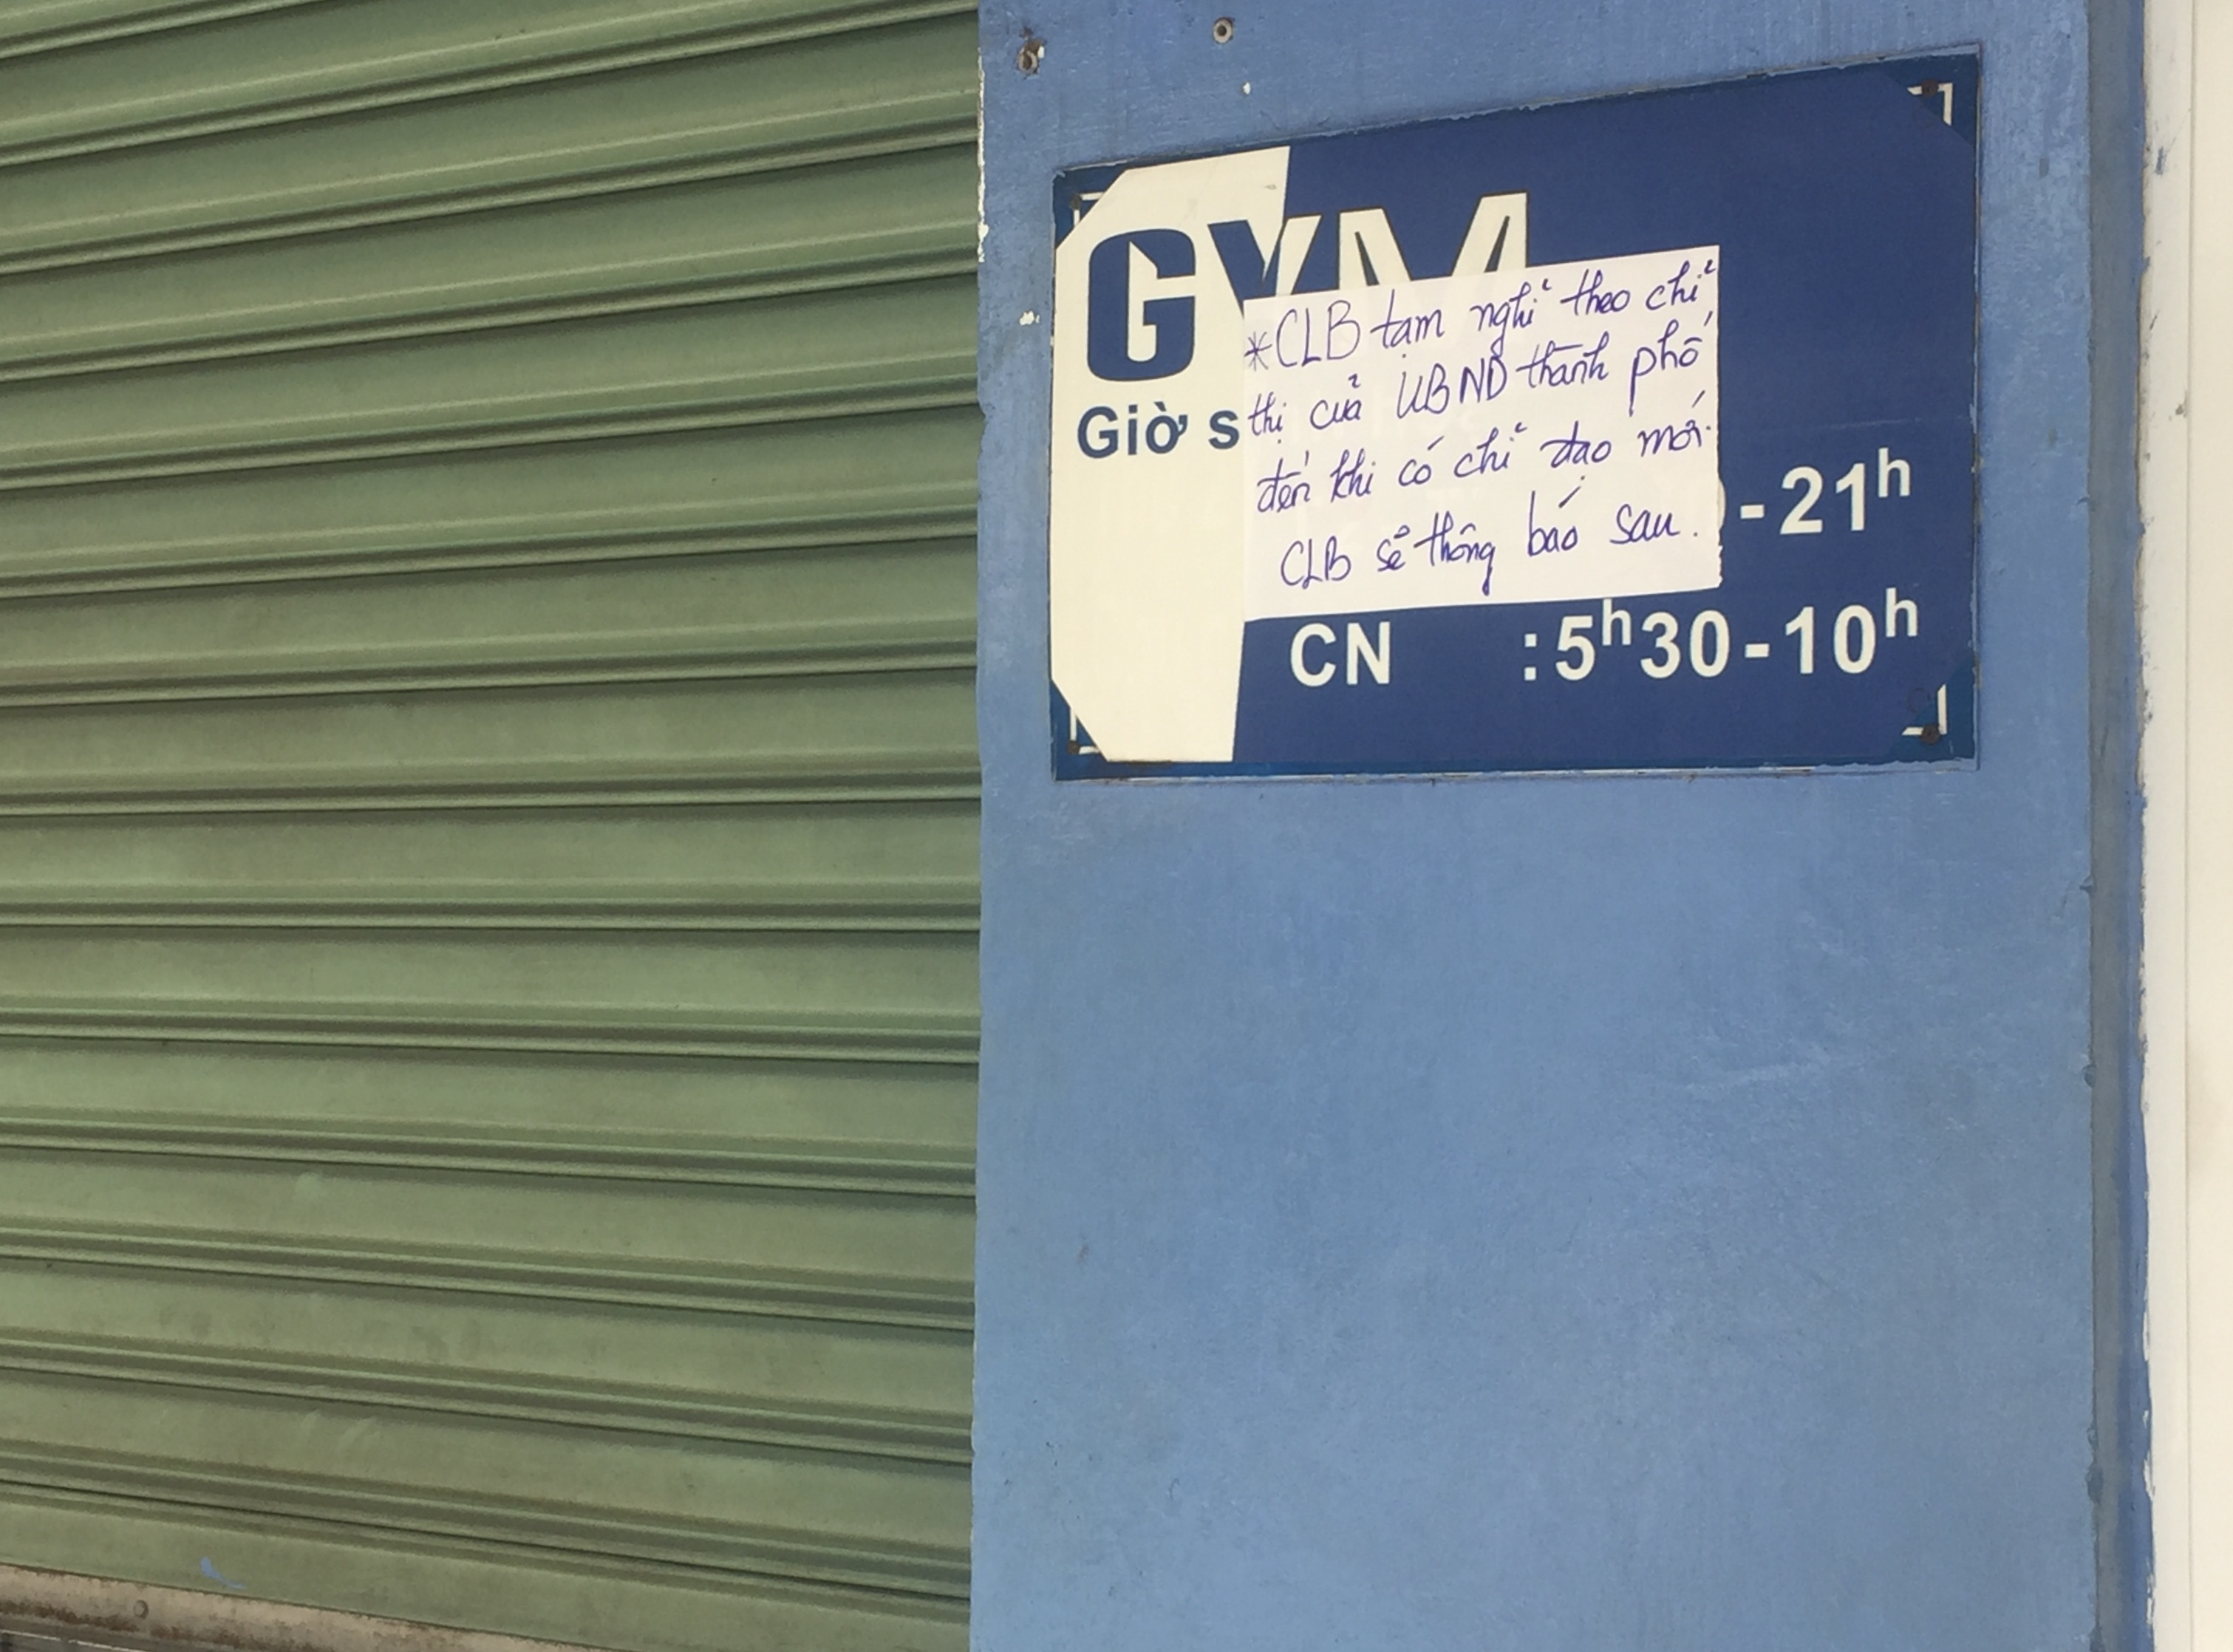 TP HCM ban hành tiêu chí an toàn phòng Covid-19 cho hoạt động thể dục thể thao, phòng gym rục rịch mở cửa lại - Ảnh 3.